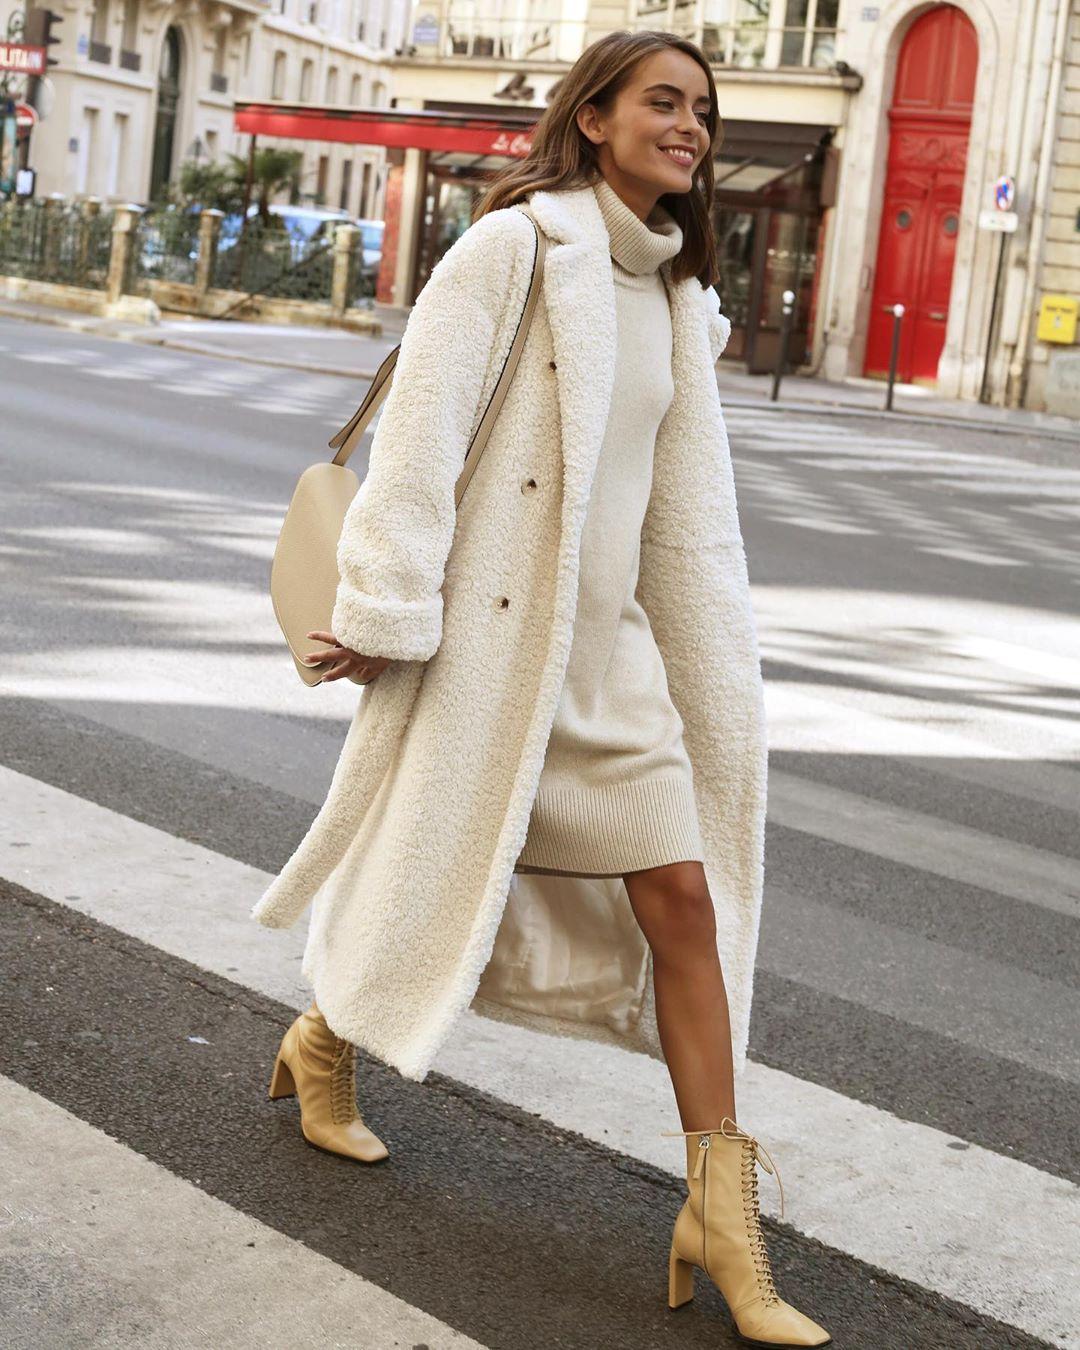 Зимняя одежда 2020: идеи, которые позволят выглядеть безупречно даже в суровые морозы